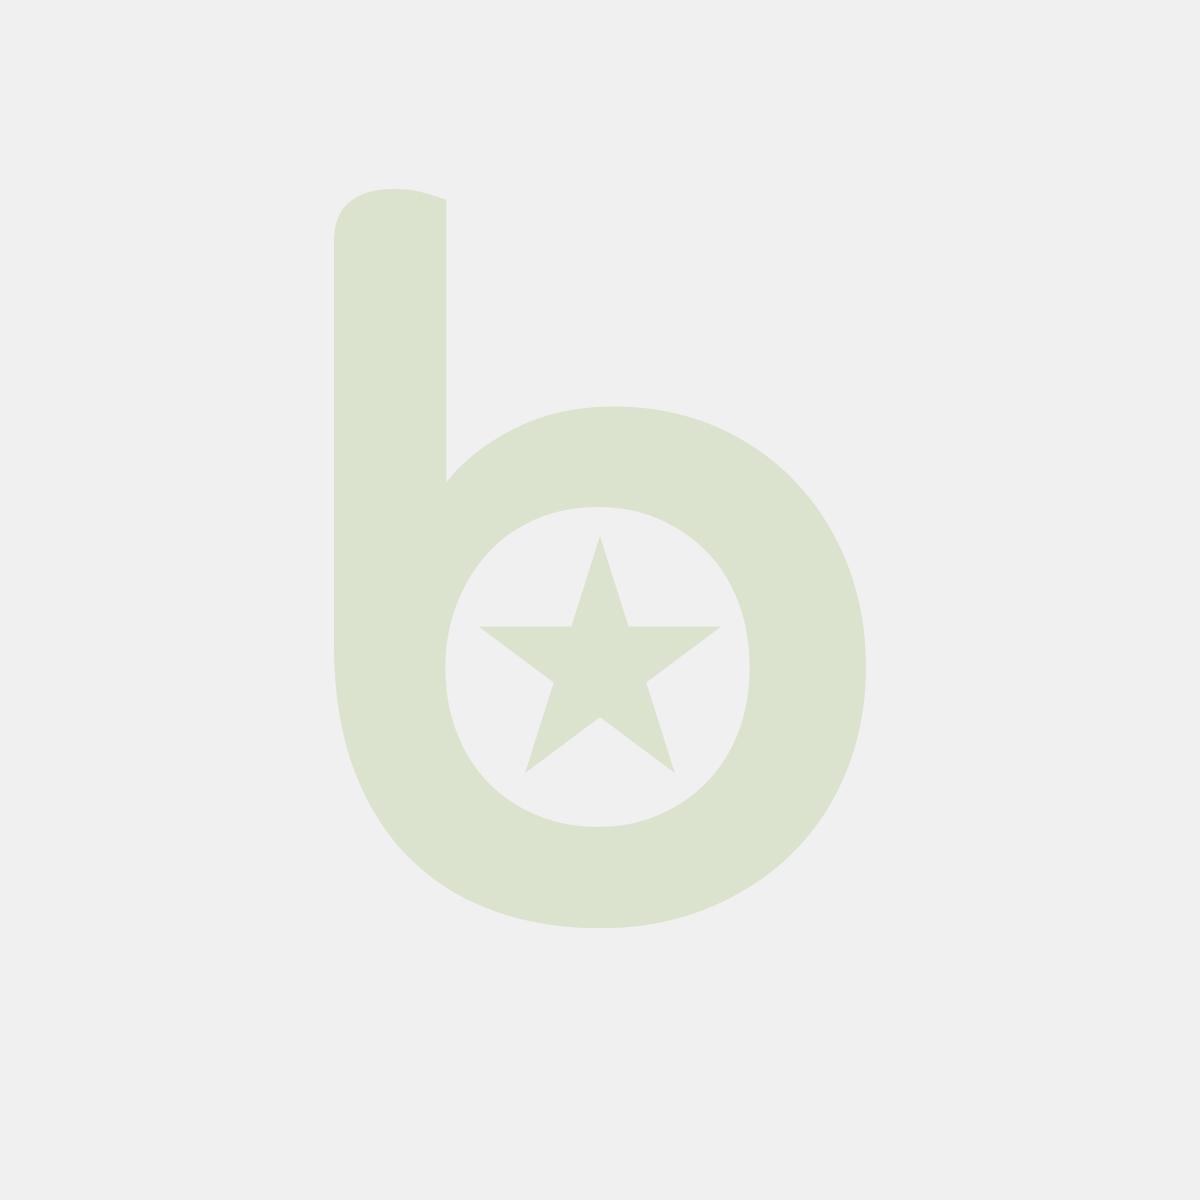 Blok biurowy Bartorex w kratkę, A5, 100 kartek